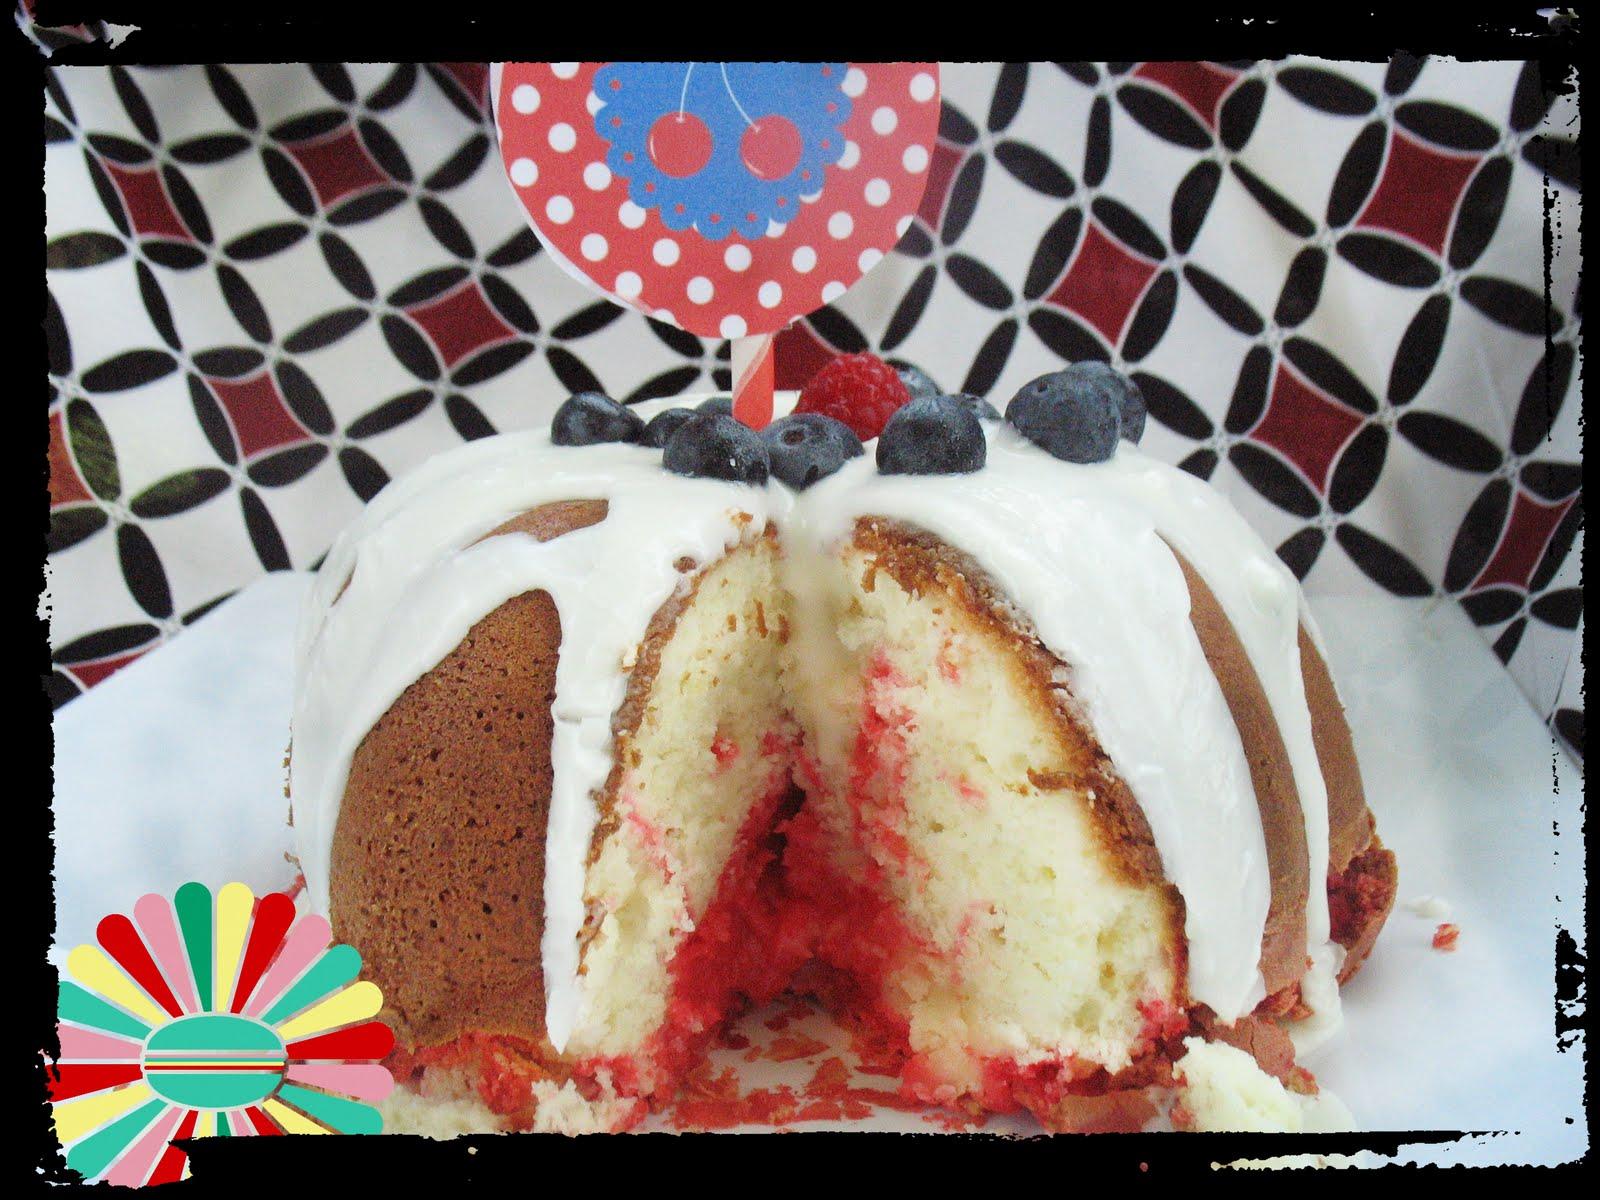 Sift Red Velvet Celebration Cake